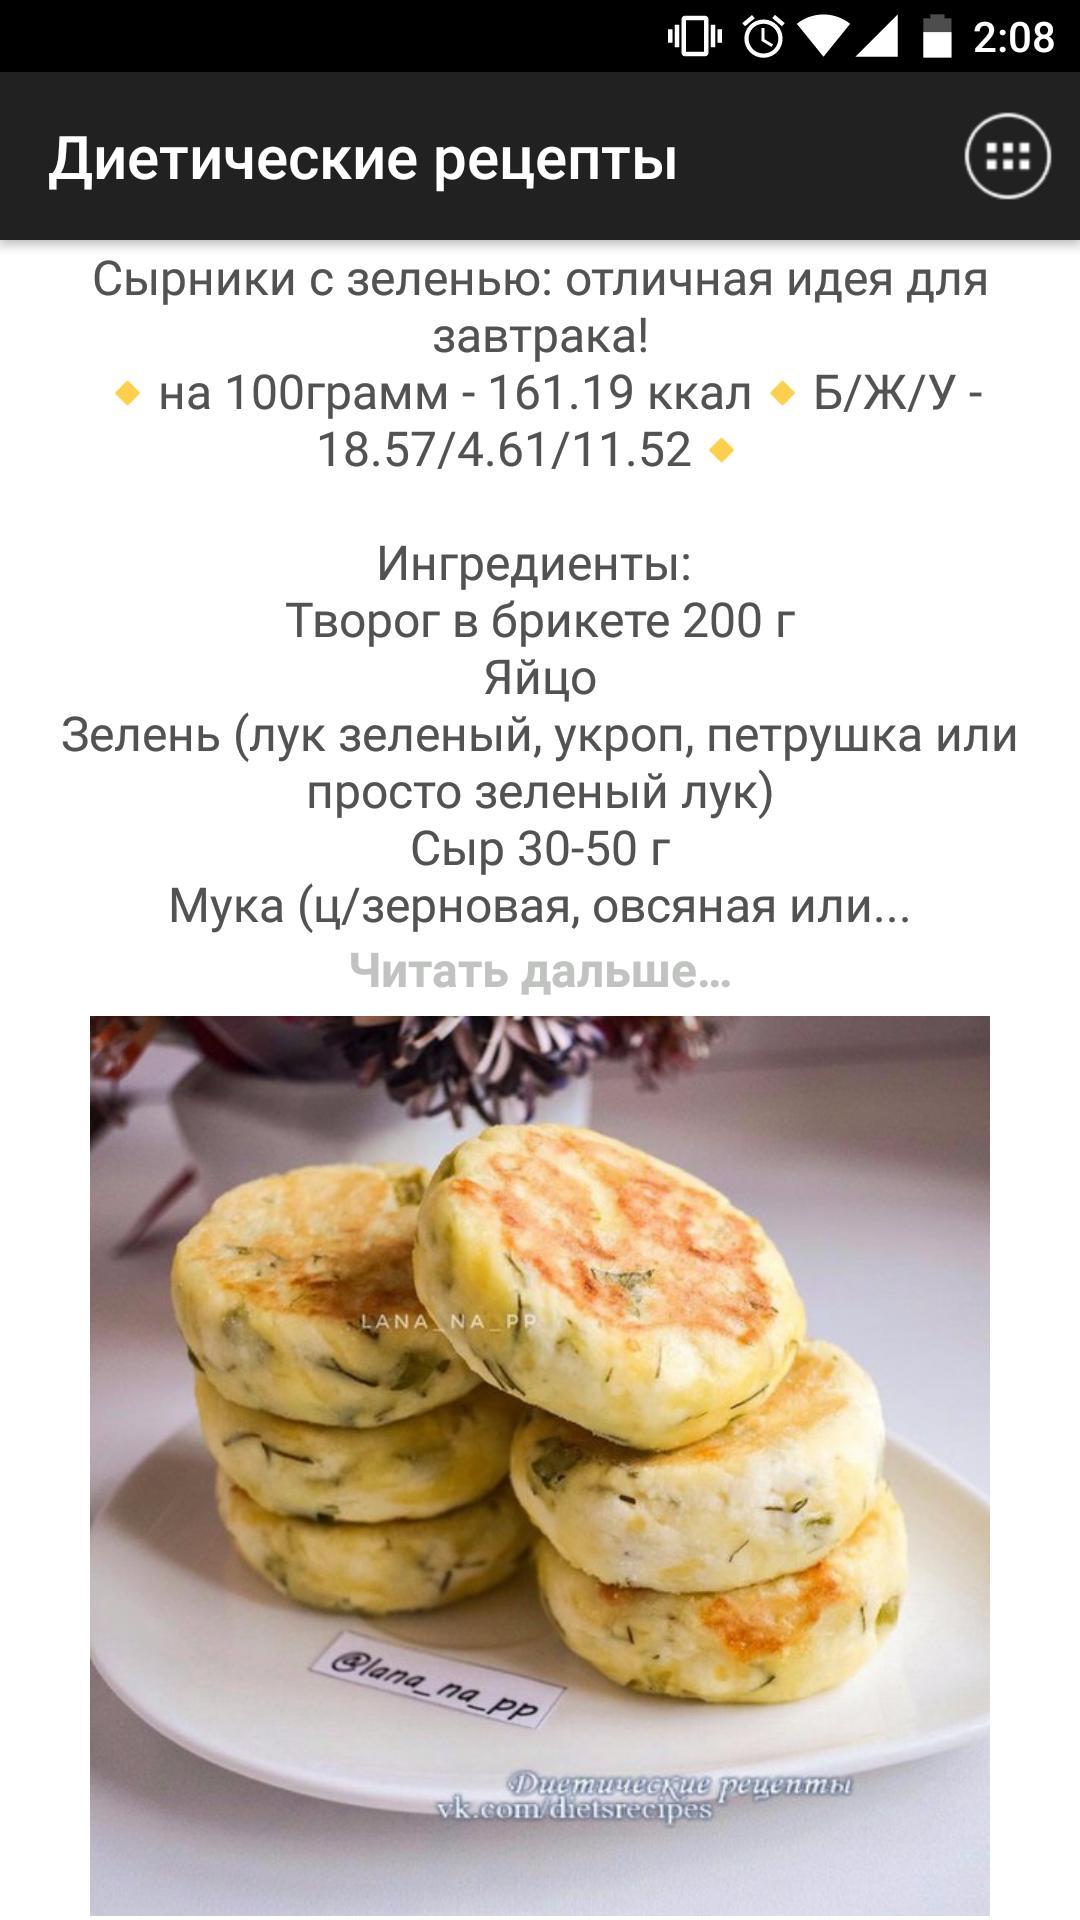 Рецепты диетических блюд с фото и калорийностью